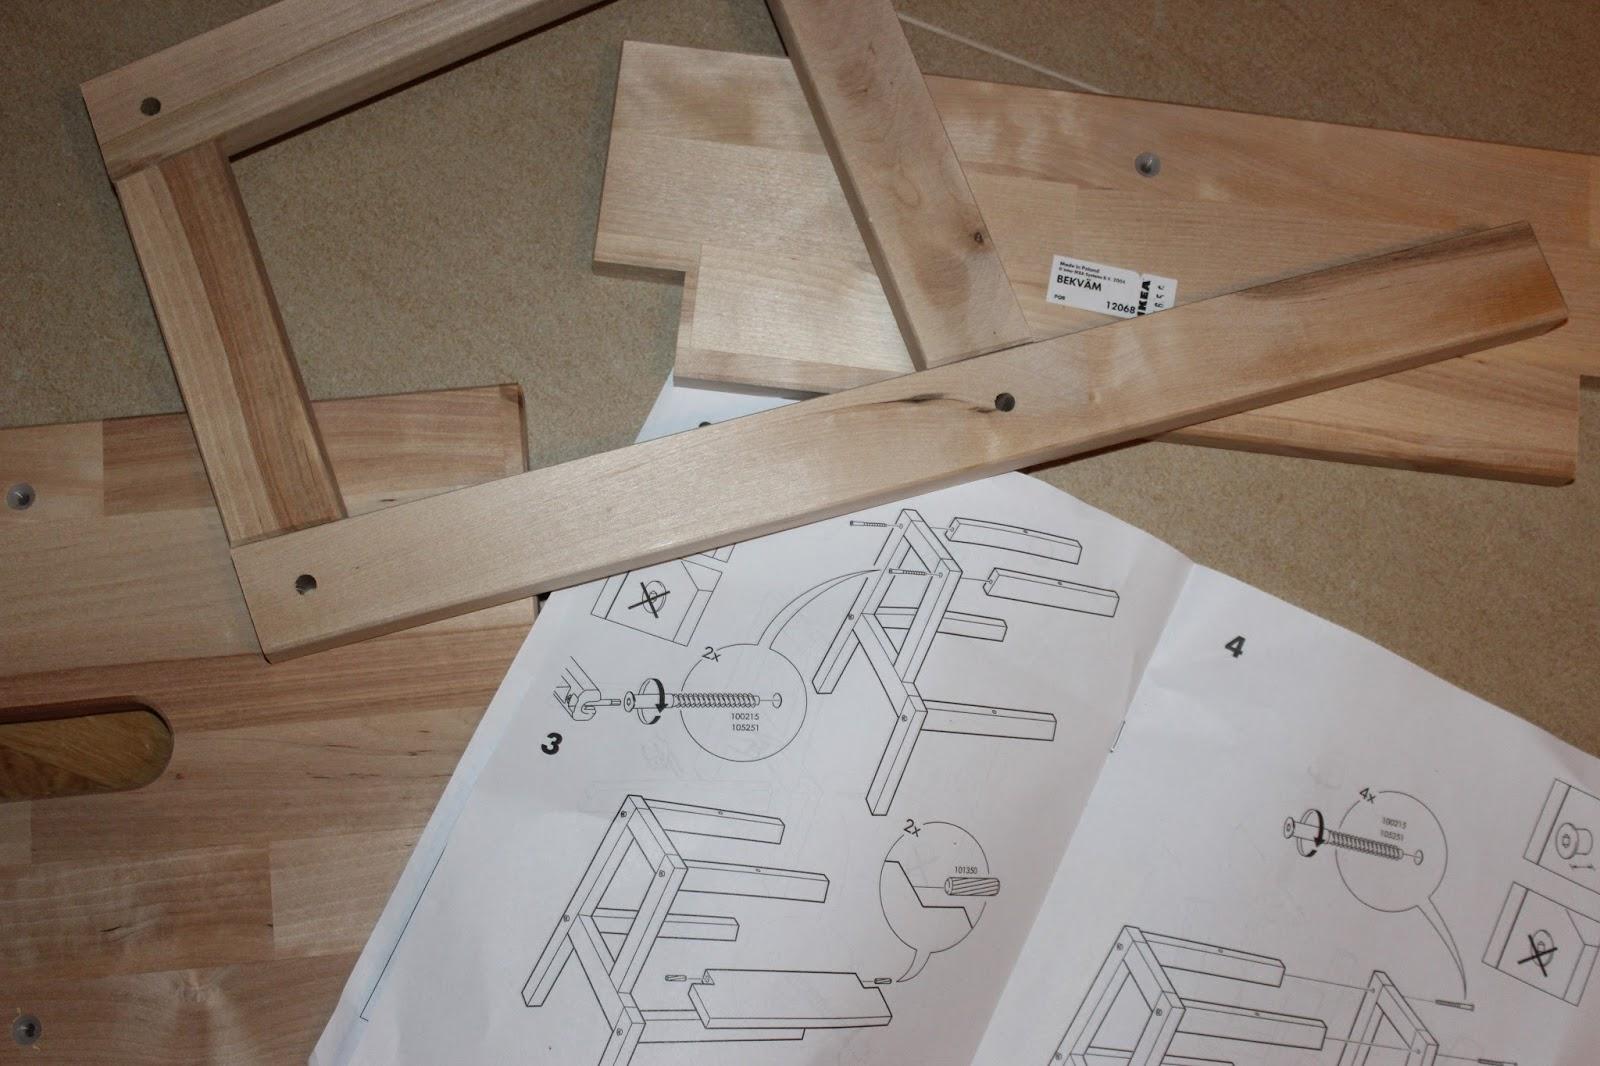 einen lernturm aus ikea m beln bauen so einfach geht s eenemeenemama. Black Bedroom Furniture Sets. Home Design Ideas